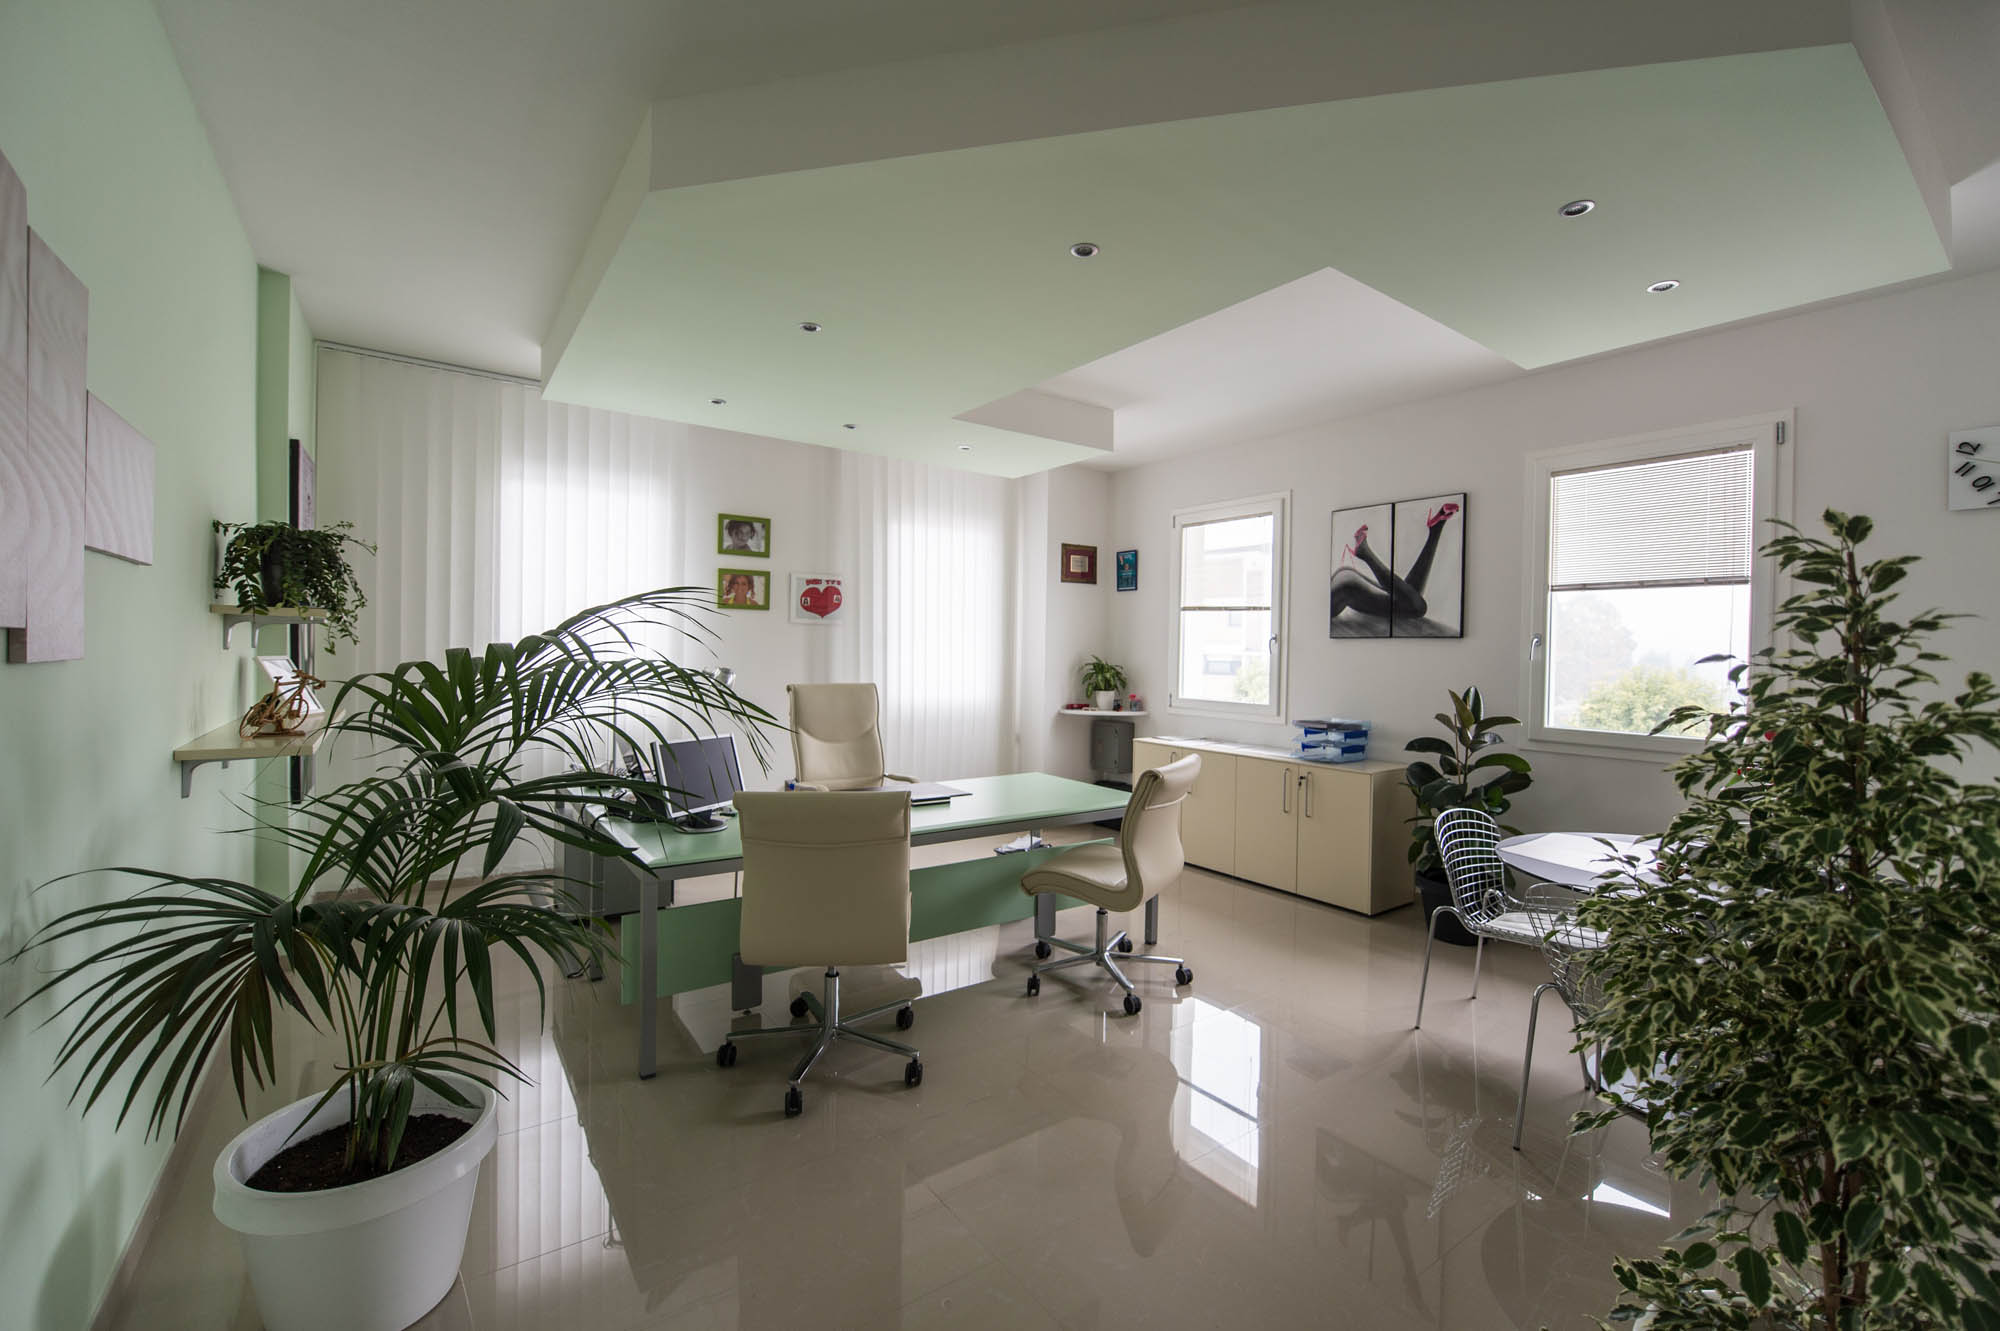 Cristallo hit mobili arredamenti per uffici prato toscana for Mobile basso ufficio